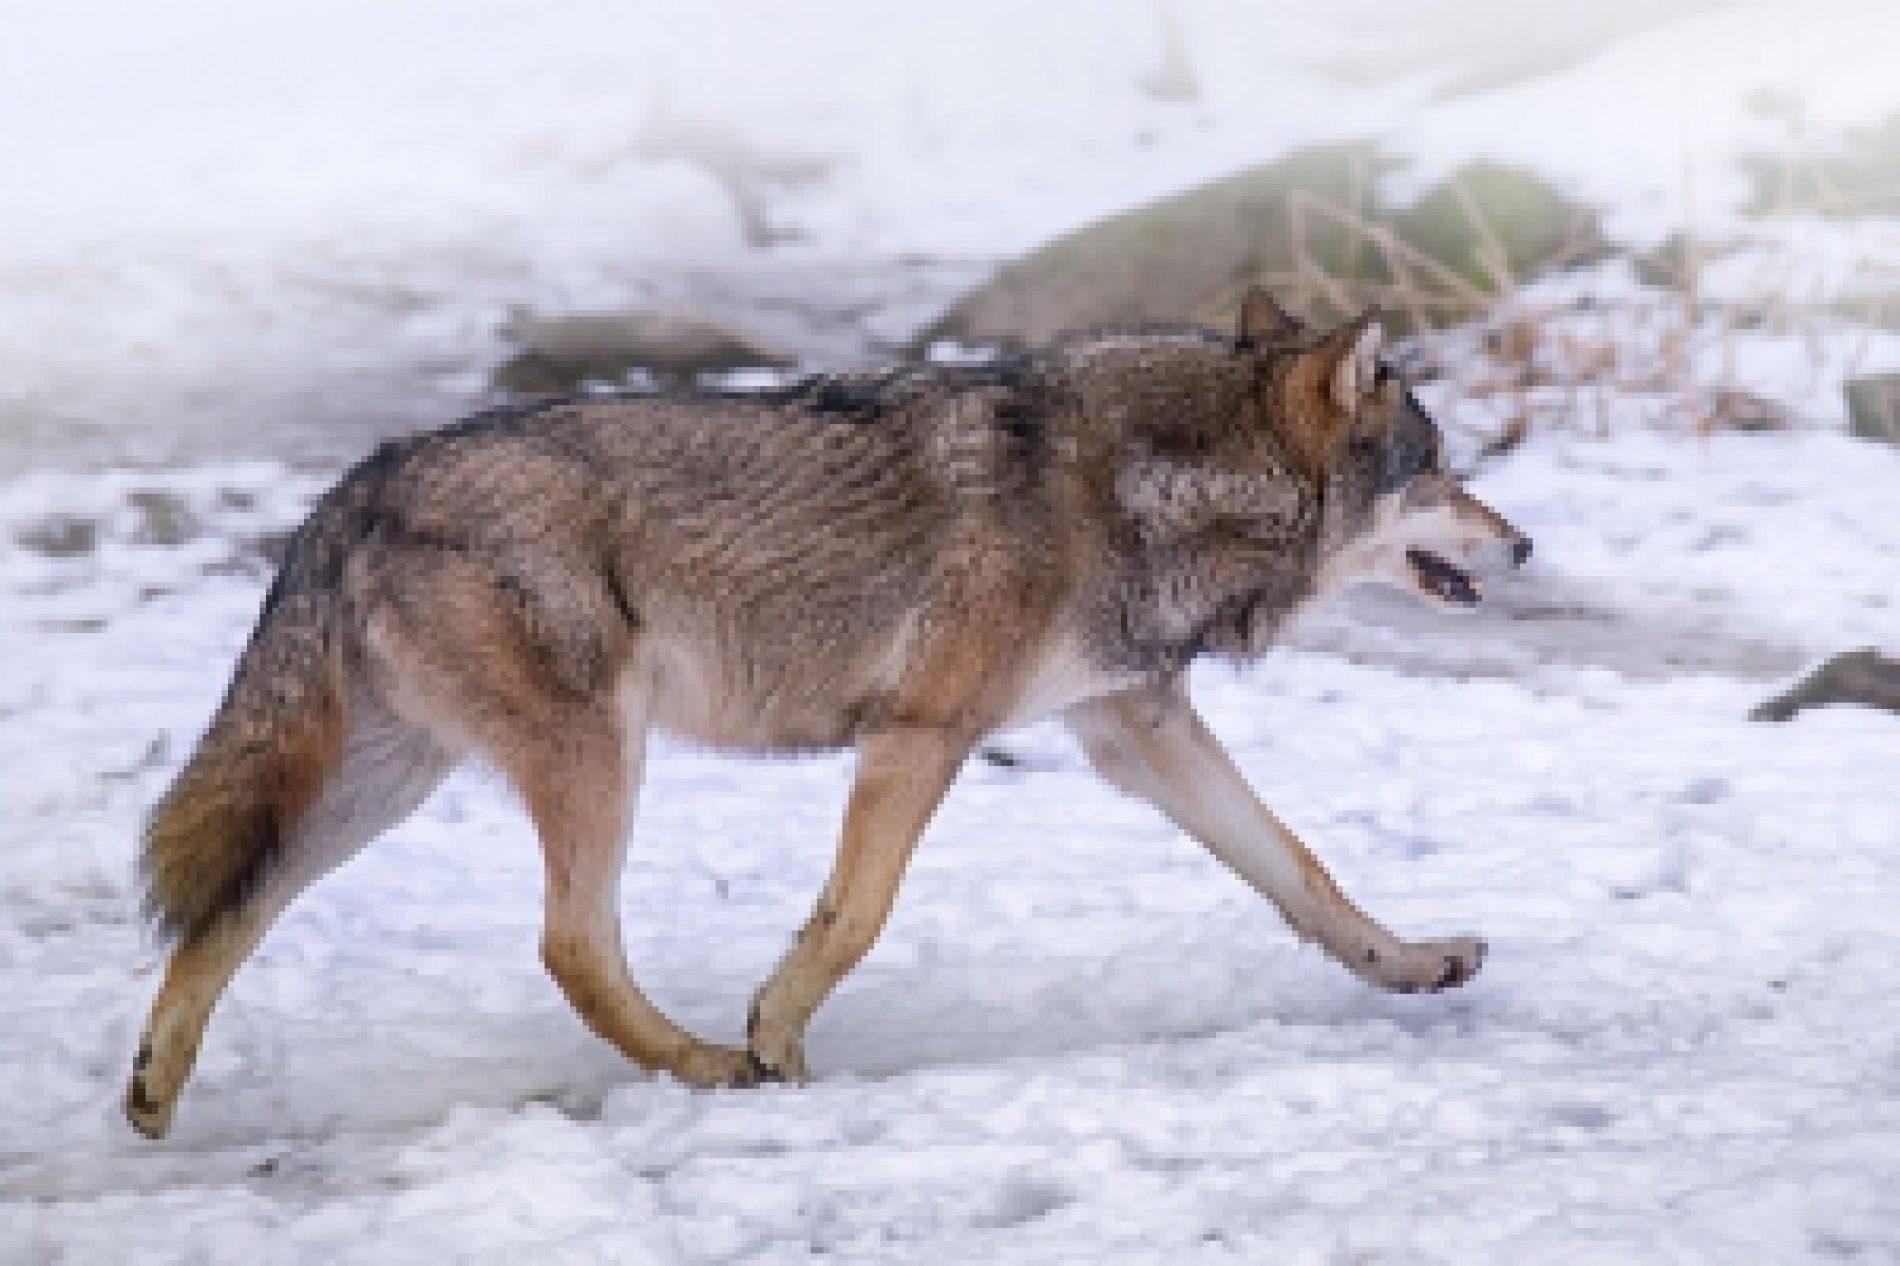 Skarb Państwa zapłacił prawie 3,9 mln zł za szkody spowodowane przez bobry i wilki